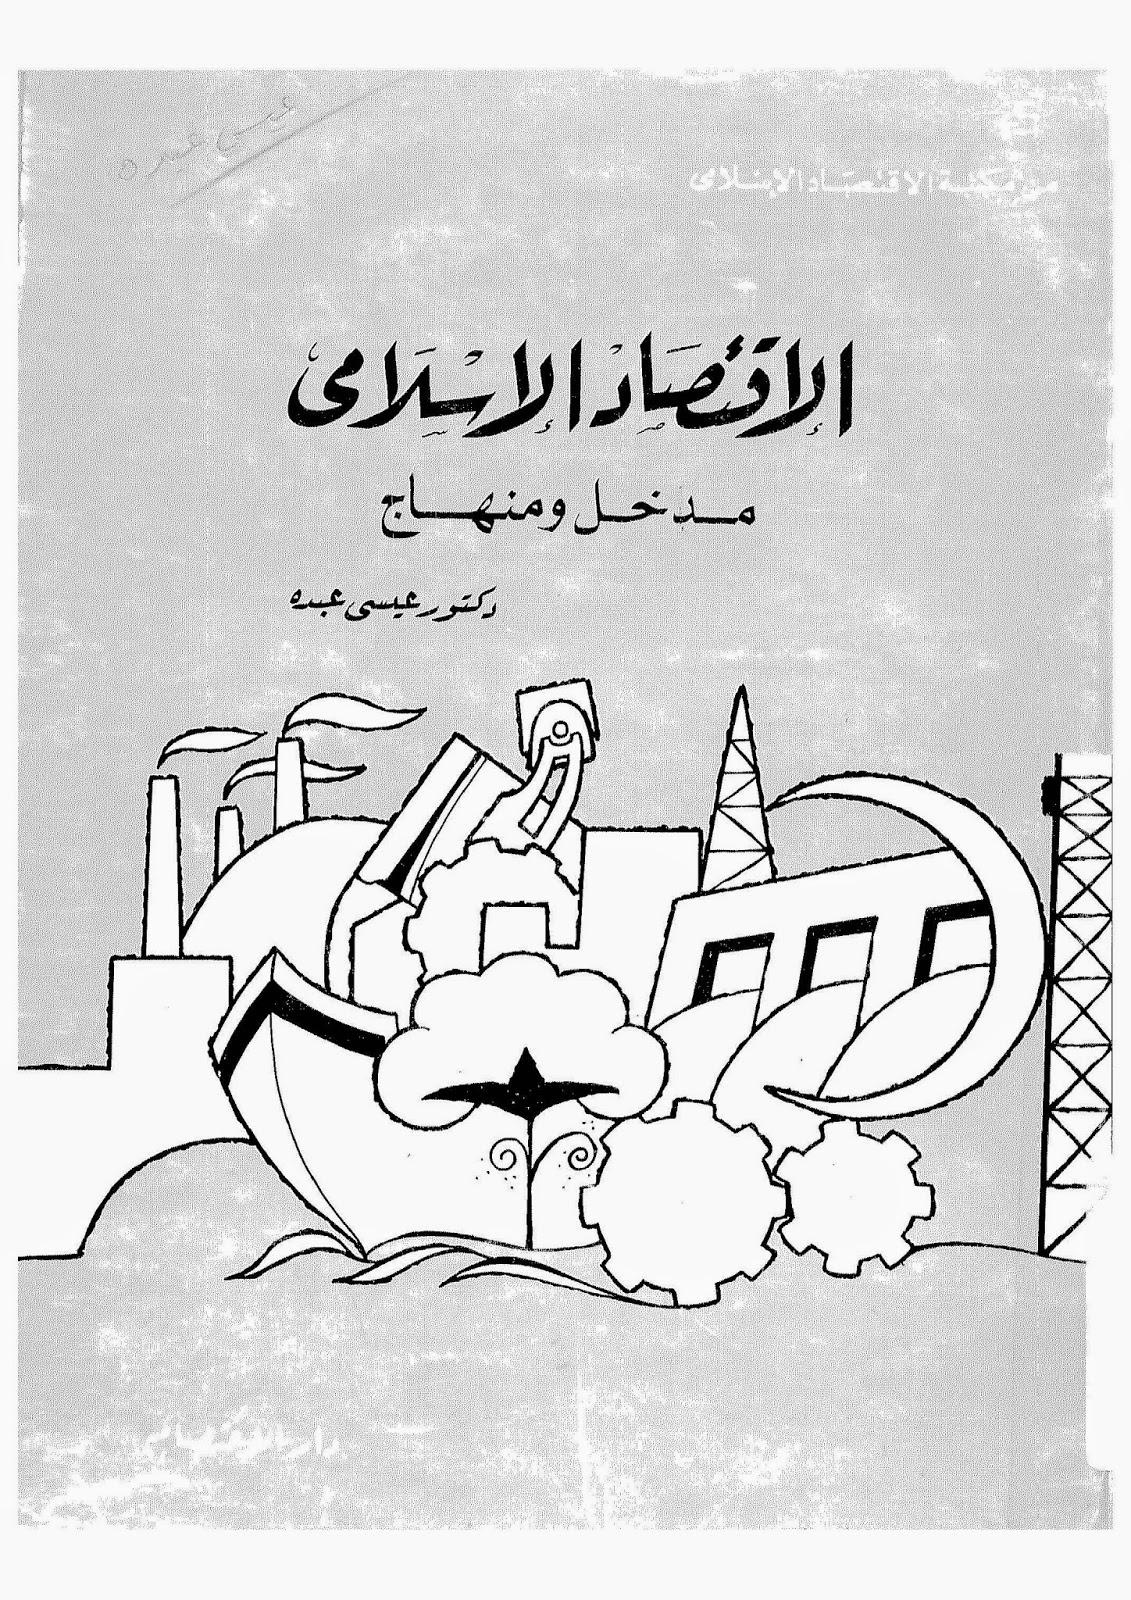 الاقتصاد الإسلامي: مدخل ومنهاج - عيسى عبده